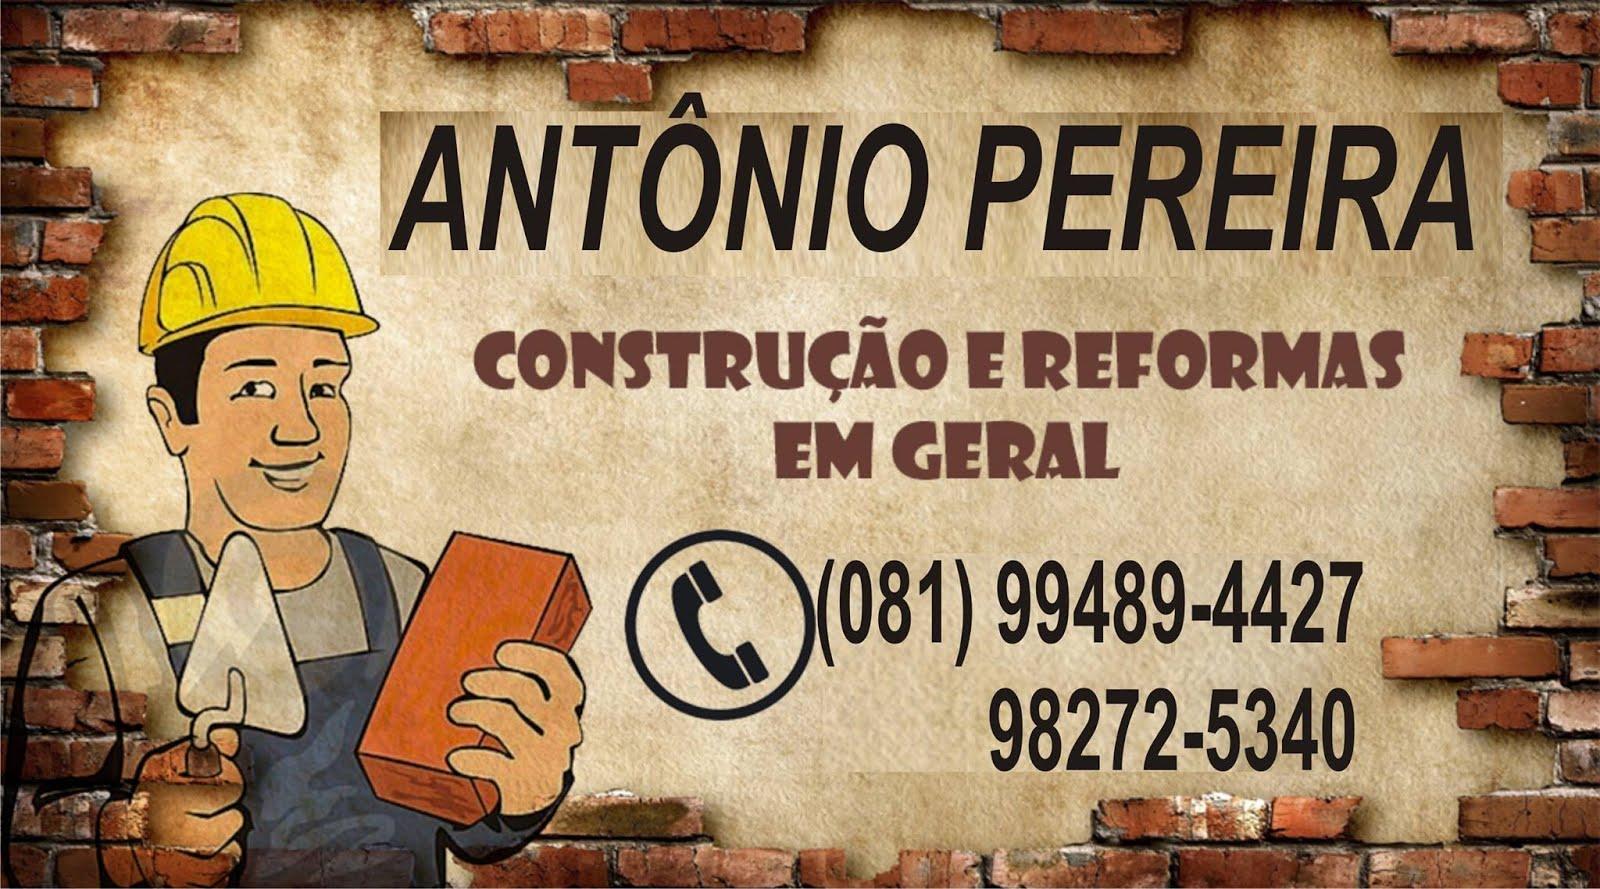 ANTÔNIO PEDREIRO